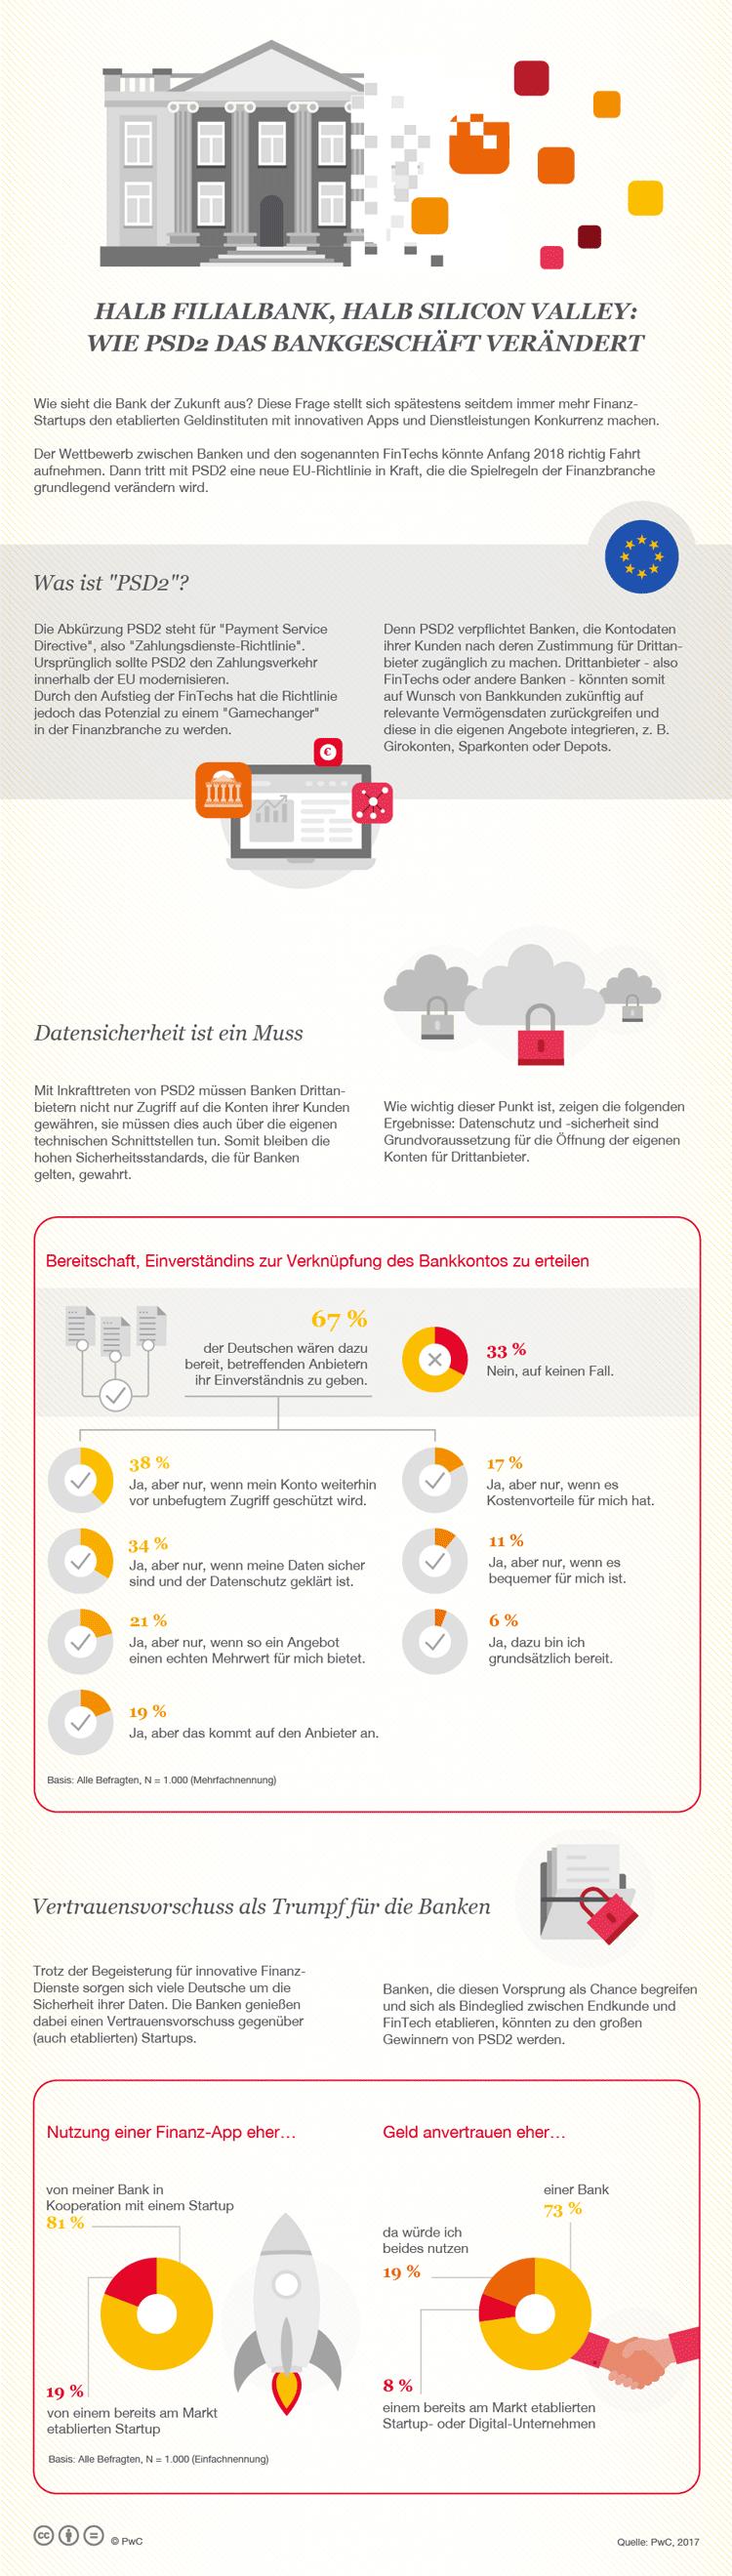 Infografik: PSD2 und die Zukunft des Bankgeschäfts